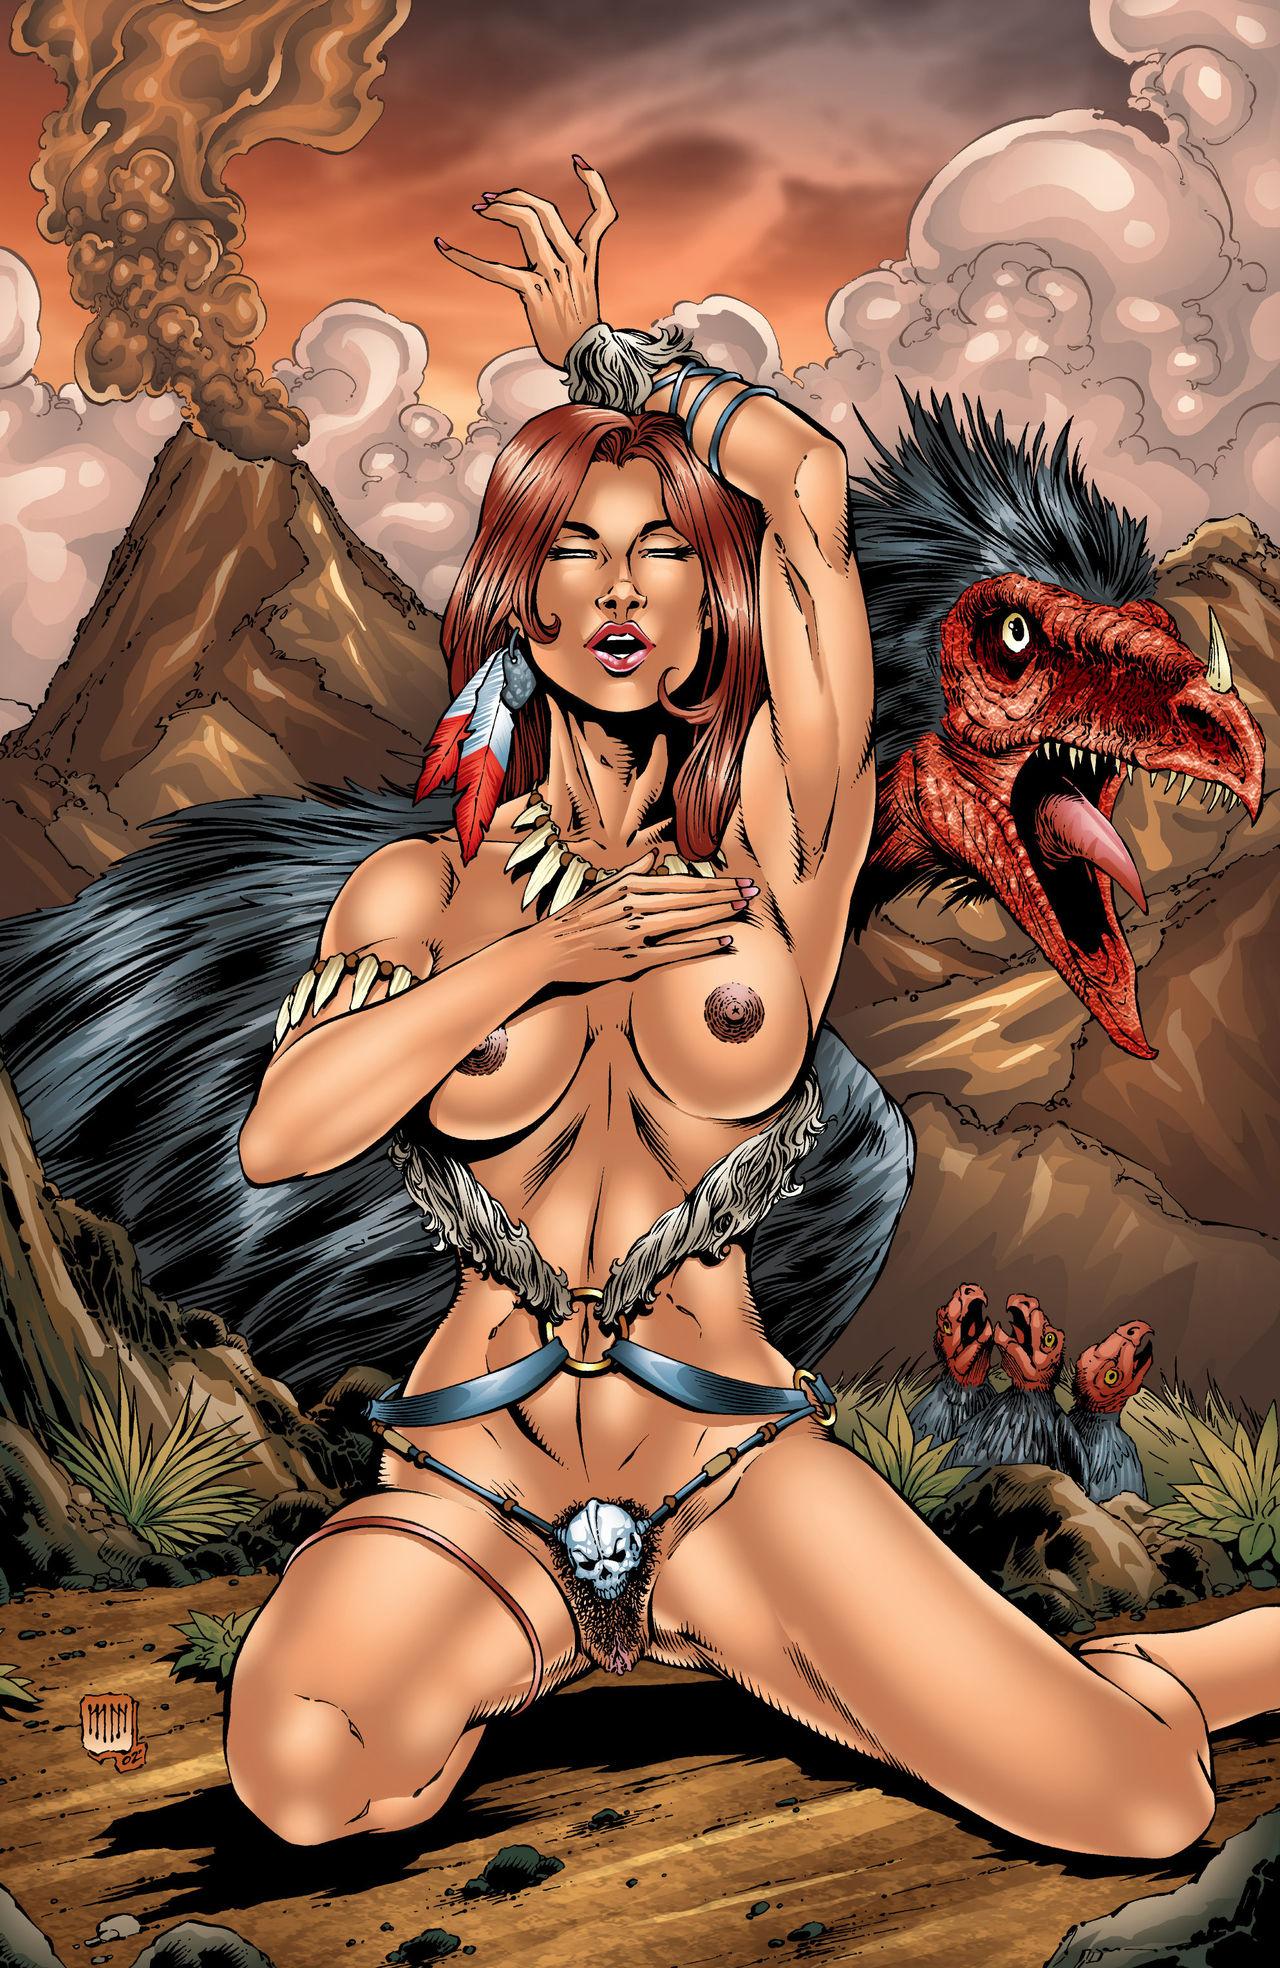 Porn fantasy comics